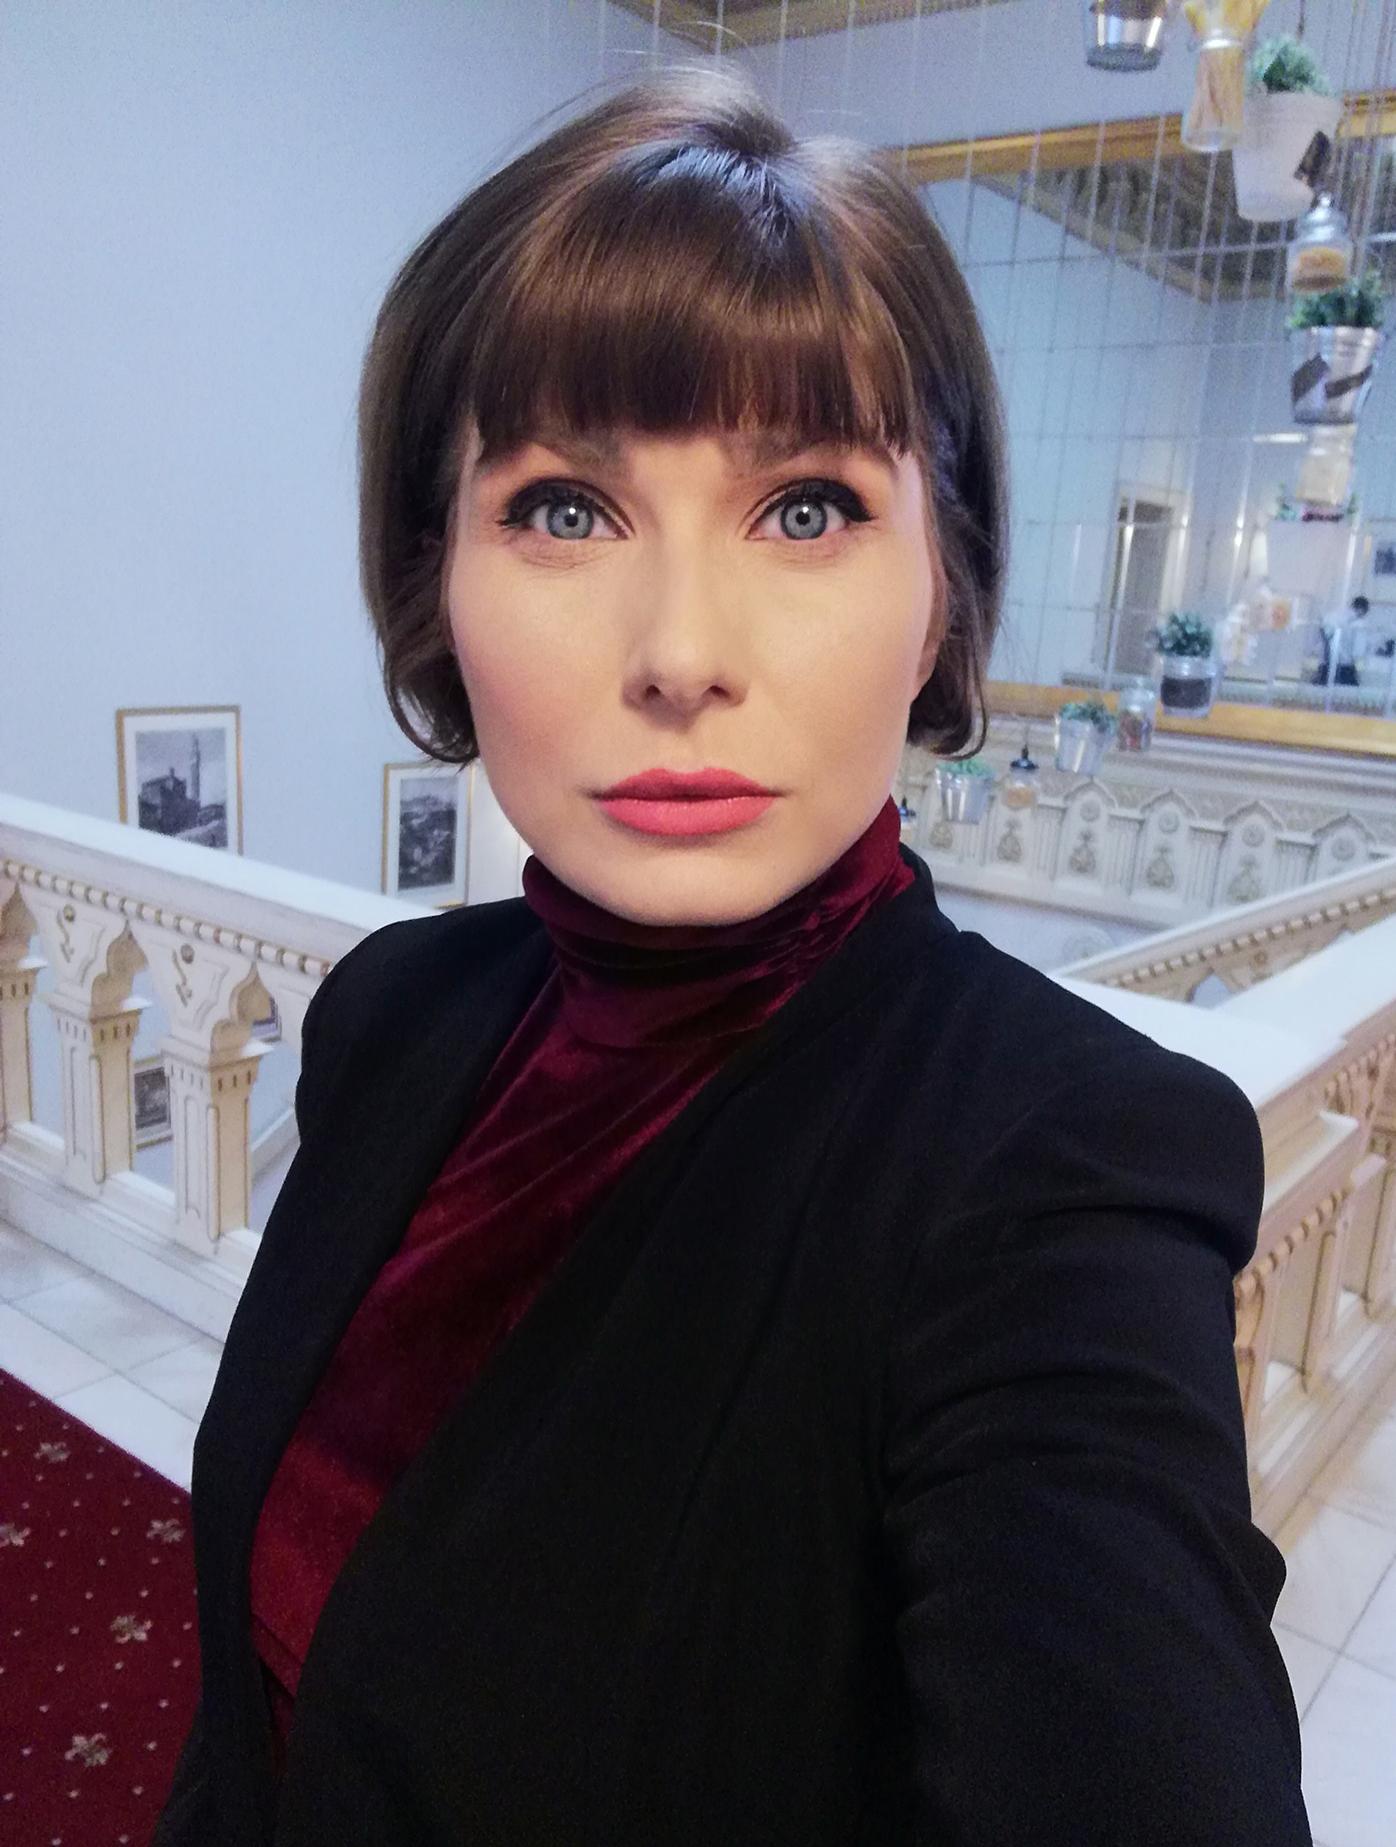 georgiana idriceanu blogger nu ma place nimeni